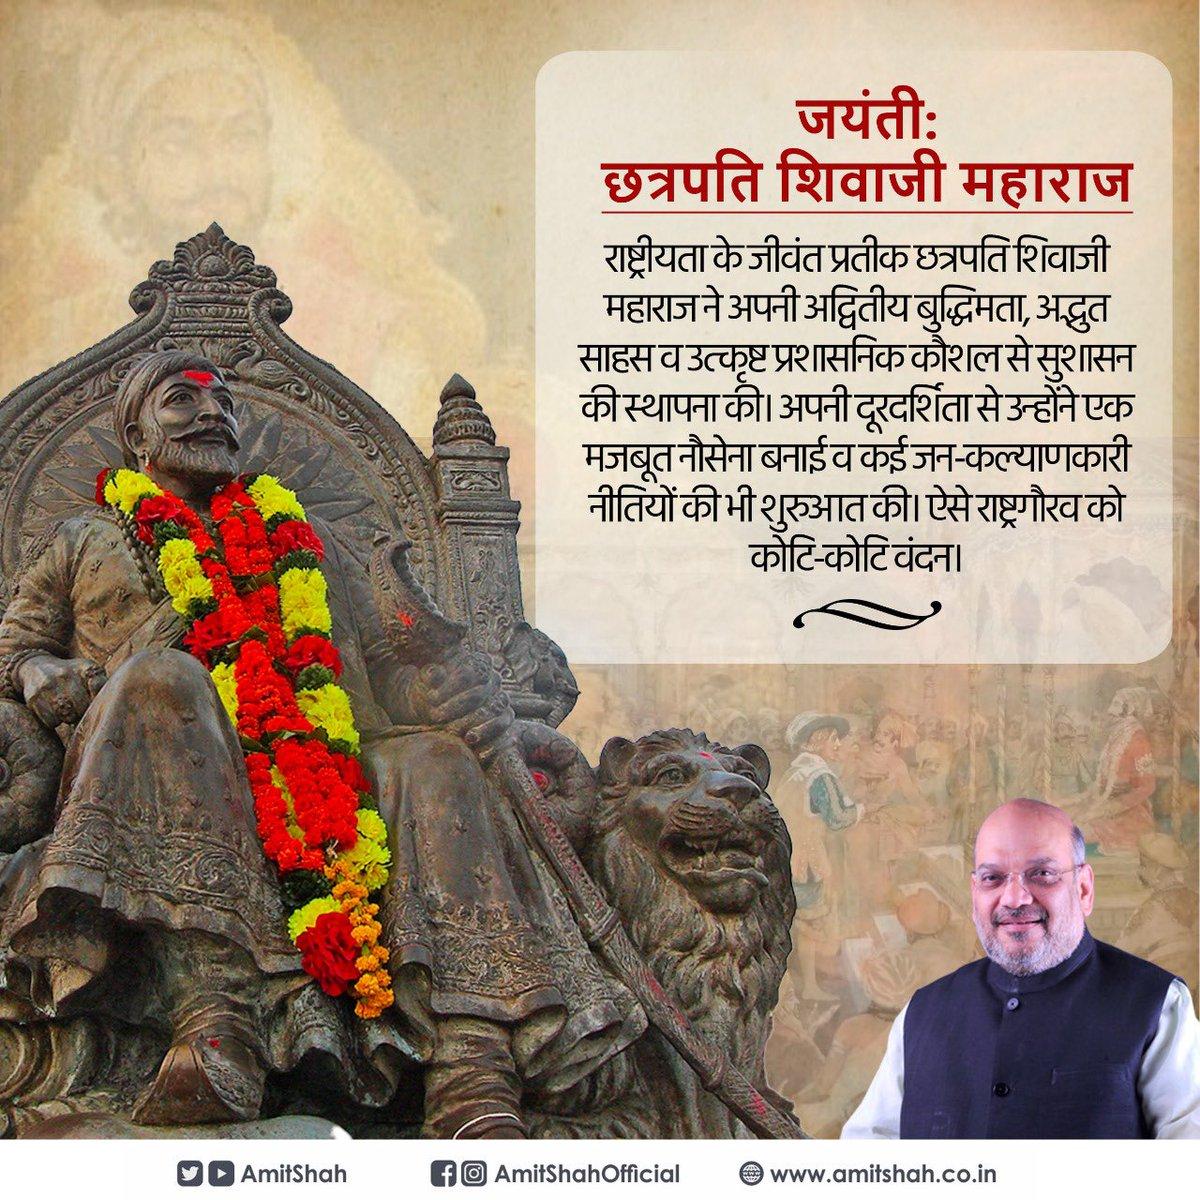 राष्ट्रीयता के जीवंत प्रतीक छत्रपति शिवाजी महाराज ने अपनी अद्वितीय बुद्धिमता, अद्भुत साहस व उत्कृष्ट प्रशासनिक कौशल से सुशासन की स्थापना की। अपनी दूरदर्शिता से उन्होंने एक मजबूत नौसेना बनाई व कई जन-कल्याणकारी नीतियों की भी शुरुआत की। ऐसे राष्ट्रगौरव को कोटि-कोटि वंदन।